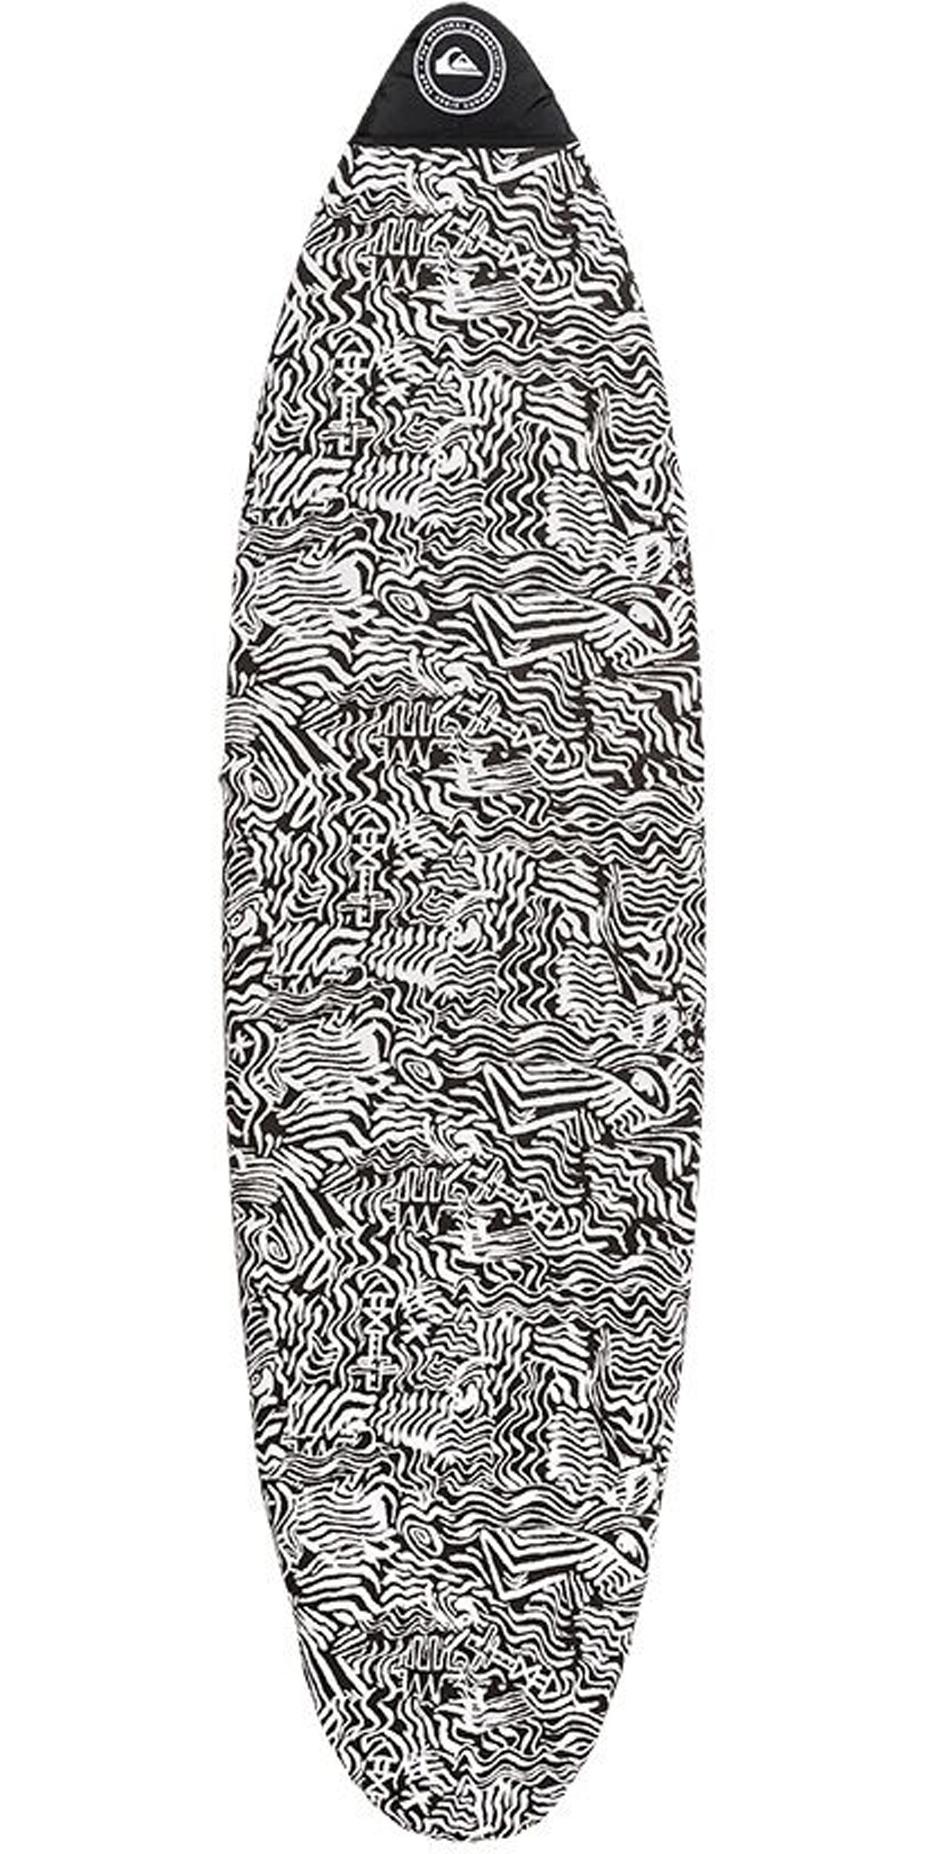 2019 Quiksilver EuroGlass Funboard Surfboard Sock 6'3